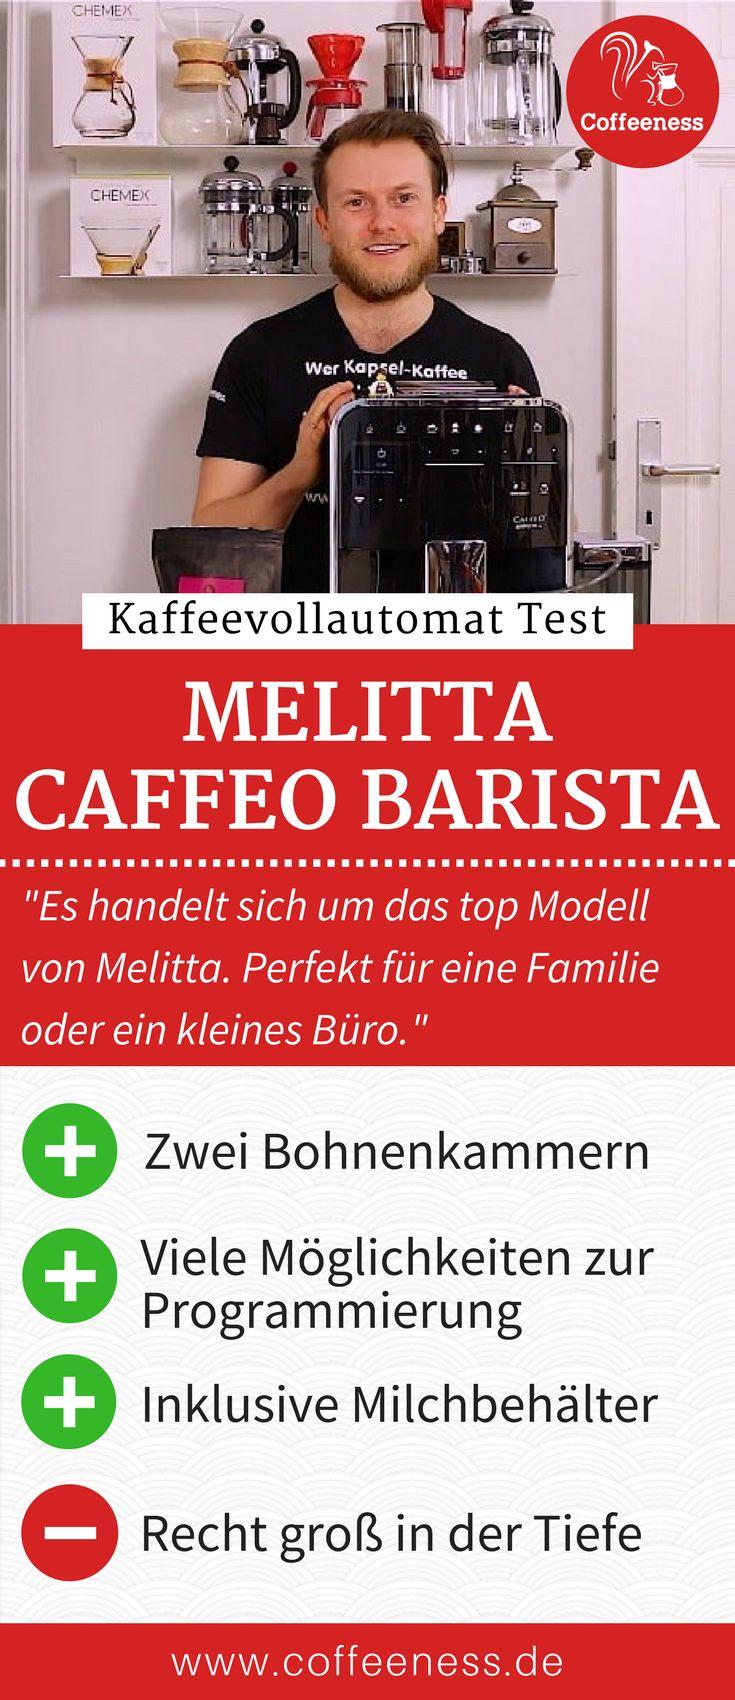 """Die """"Caffeo Barista"""" Kaffeevollautomaten sind die Spitzenmodelle von Melitta. Es handelt sich um die größten Vollautomaten von Melitta mit den meisten Funktionen. Warum die Qualität des Milchschaums besonders gut ist und wie der Kaffeevollautomat im Vergleich zur Konkurrenz abschneidet erfährst du im ausführlichen Test auf www.coffeeness.de. #Kaffeevollautomat #Coffeeness #Kaffee #Küche"""